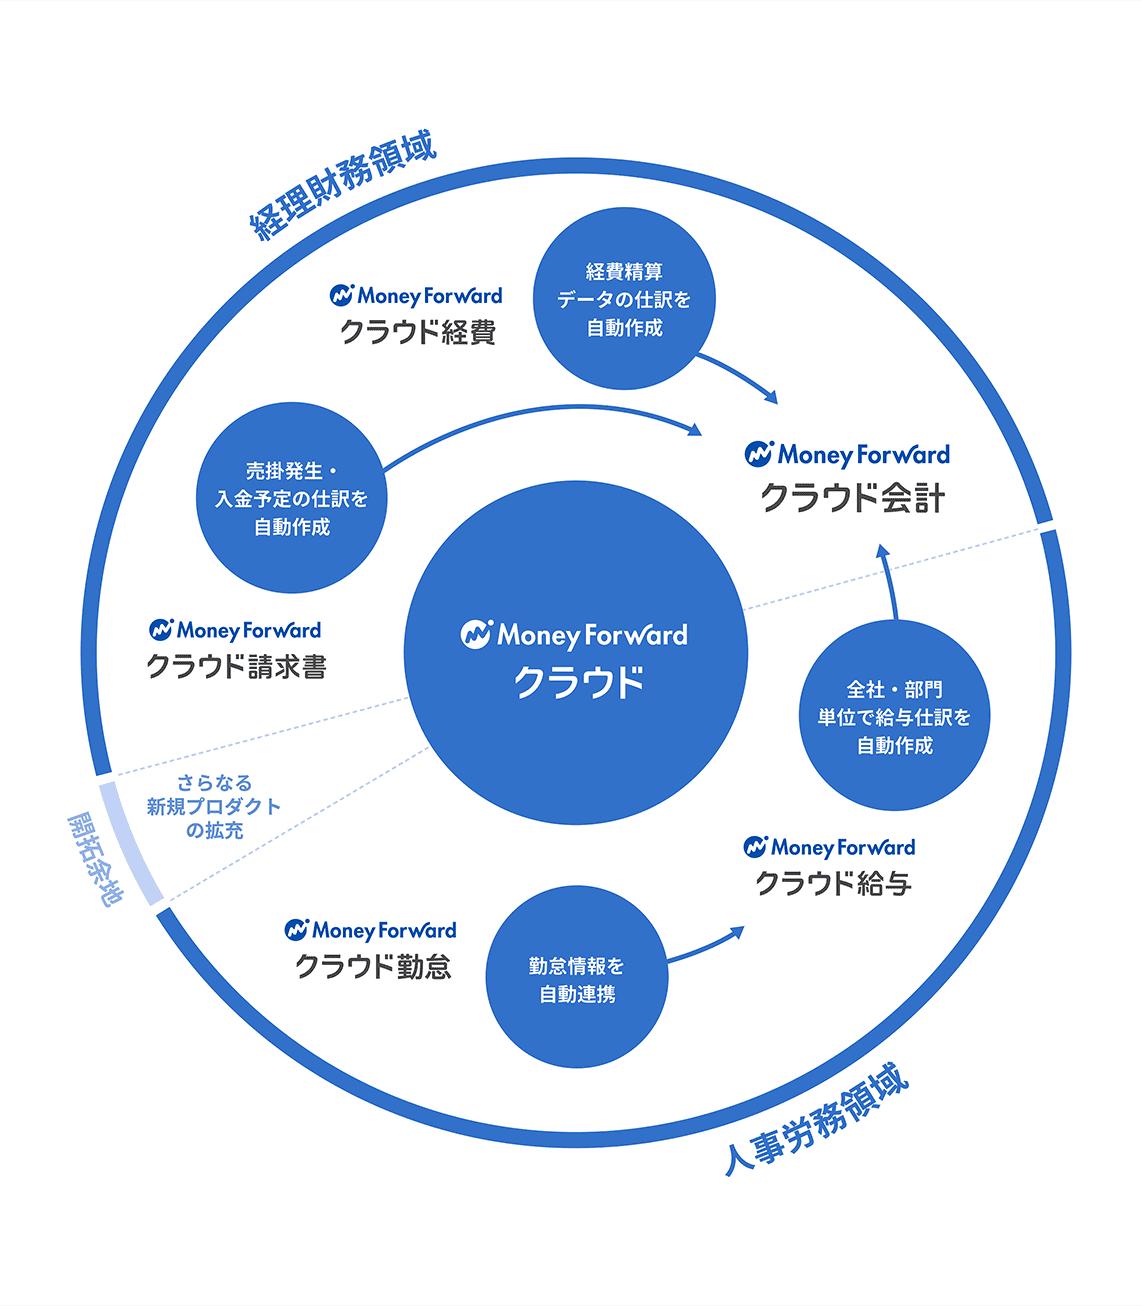 図: マネーフォワード クラウドのサービス連携